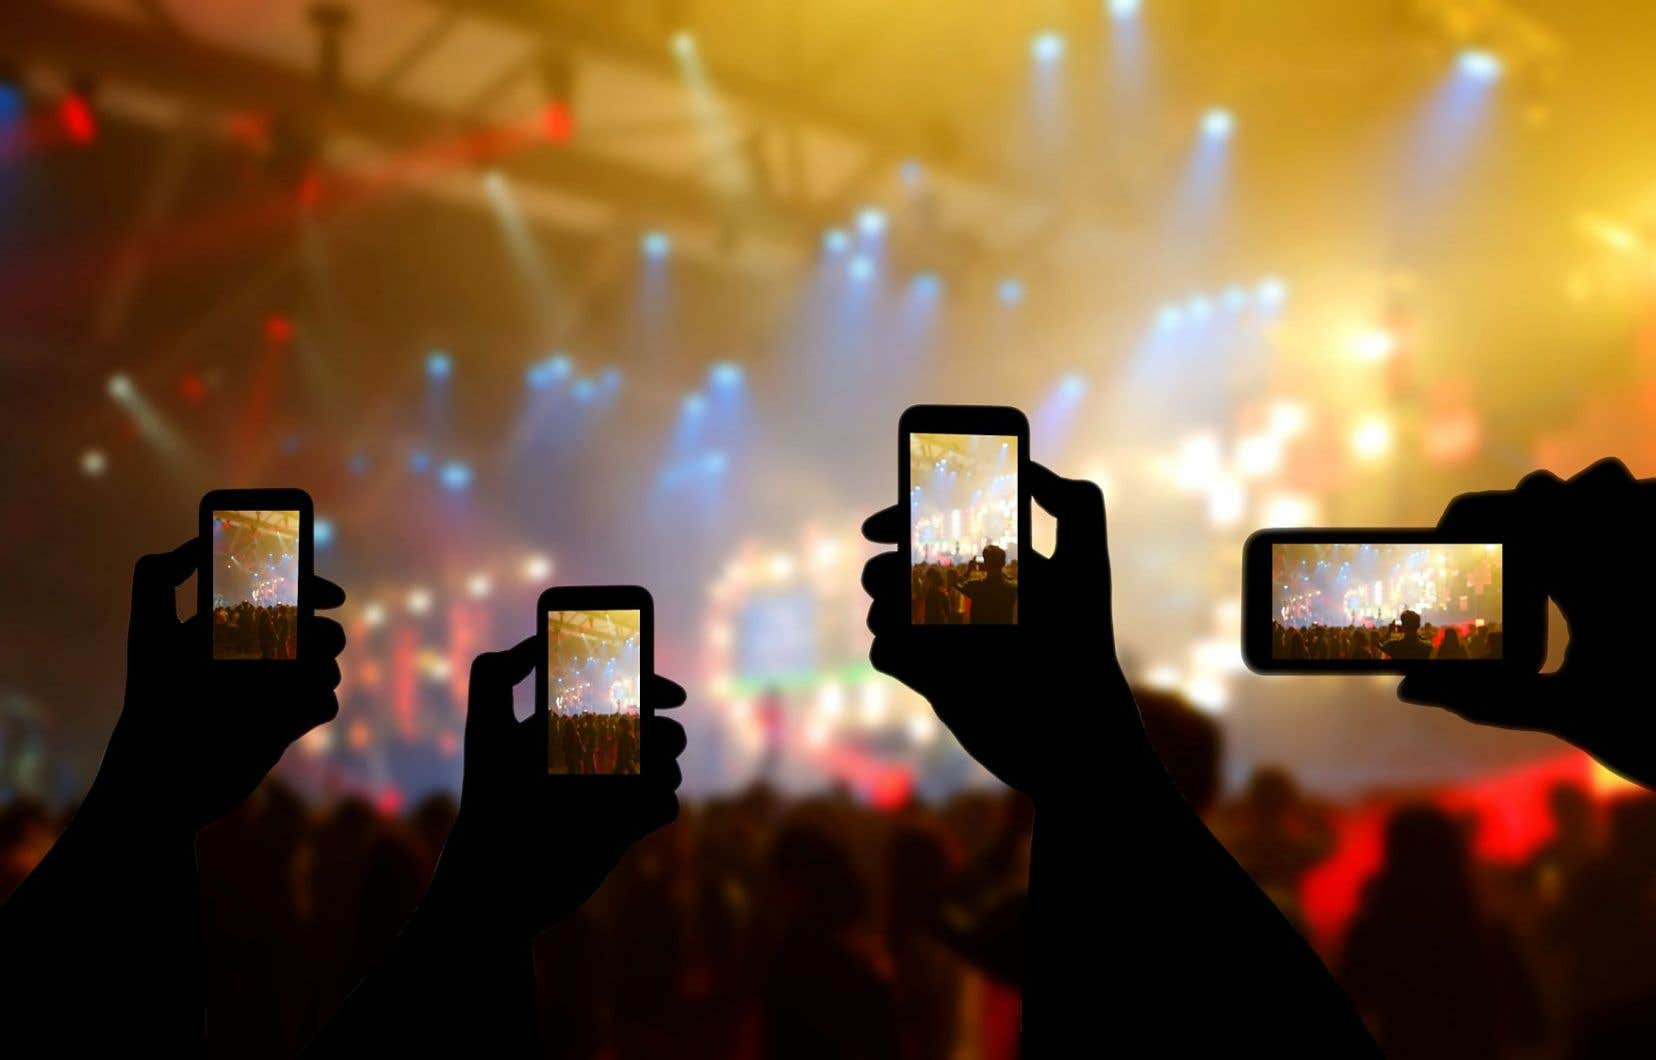 «Aujourd'hui, tout le monde a sa caméra, son téléphone cellulaire. Il y a tellement de photographes sur le Web qu'ils multiplient les restrictions pour les laissez-passer», constate le photographe Scott Legato